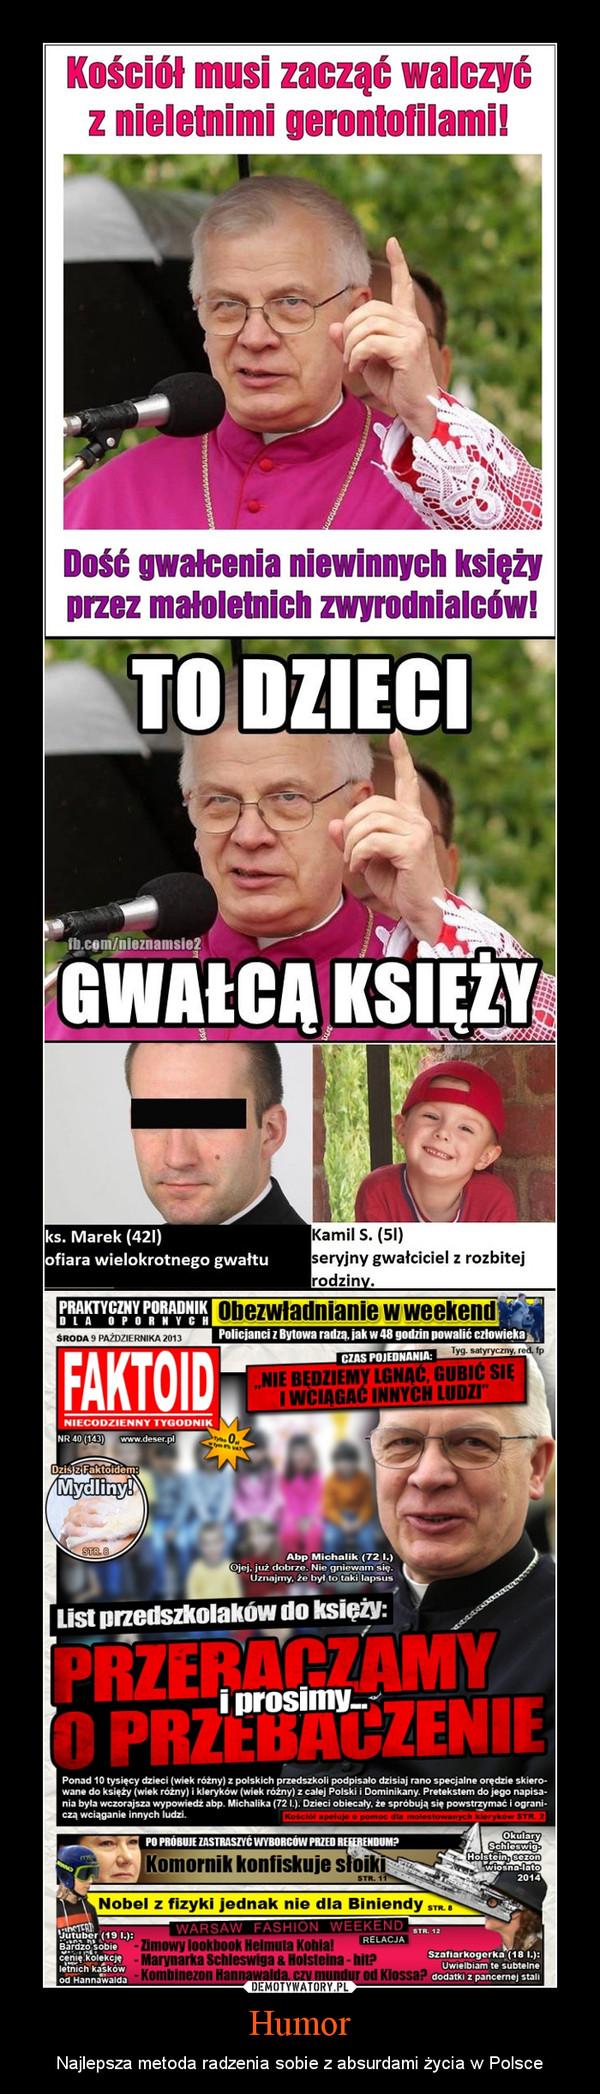 Humor – Najlepsza metoda radzenia sobie z absurdami życia w Polsce